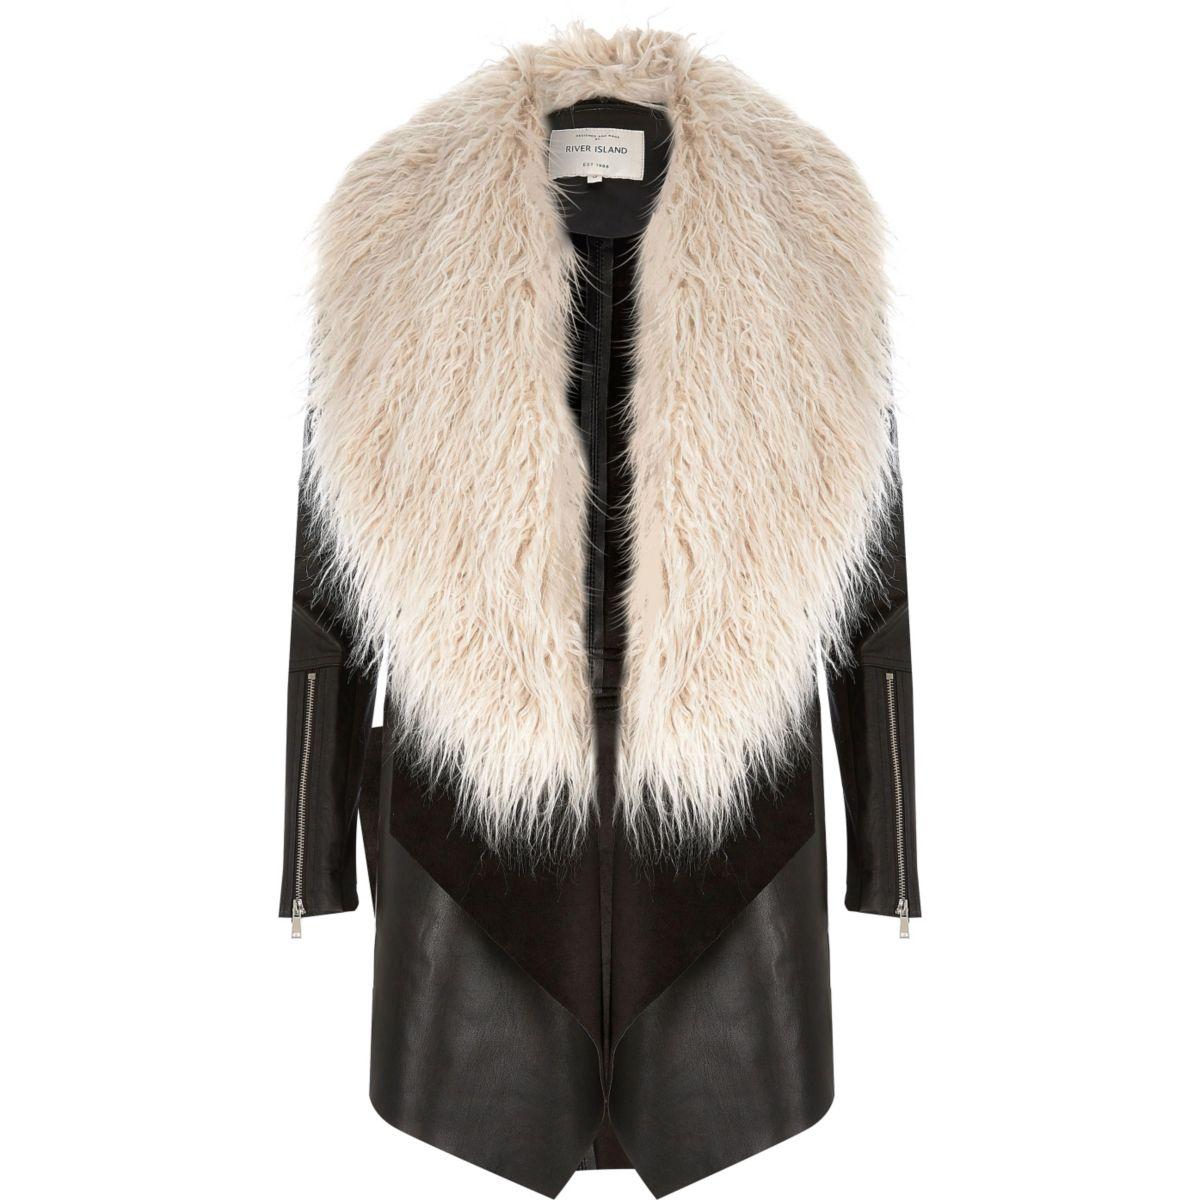 Schwarzer Mantel mit Kunstfellbesatz